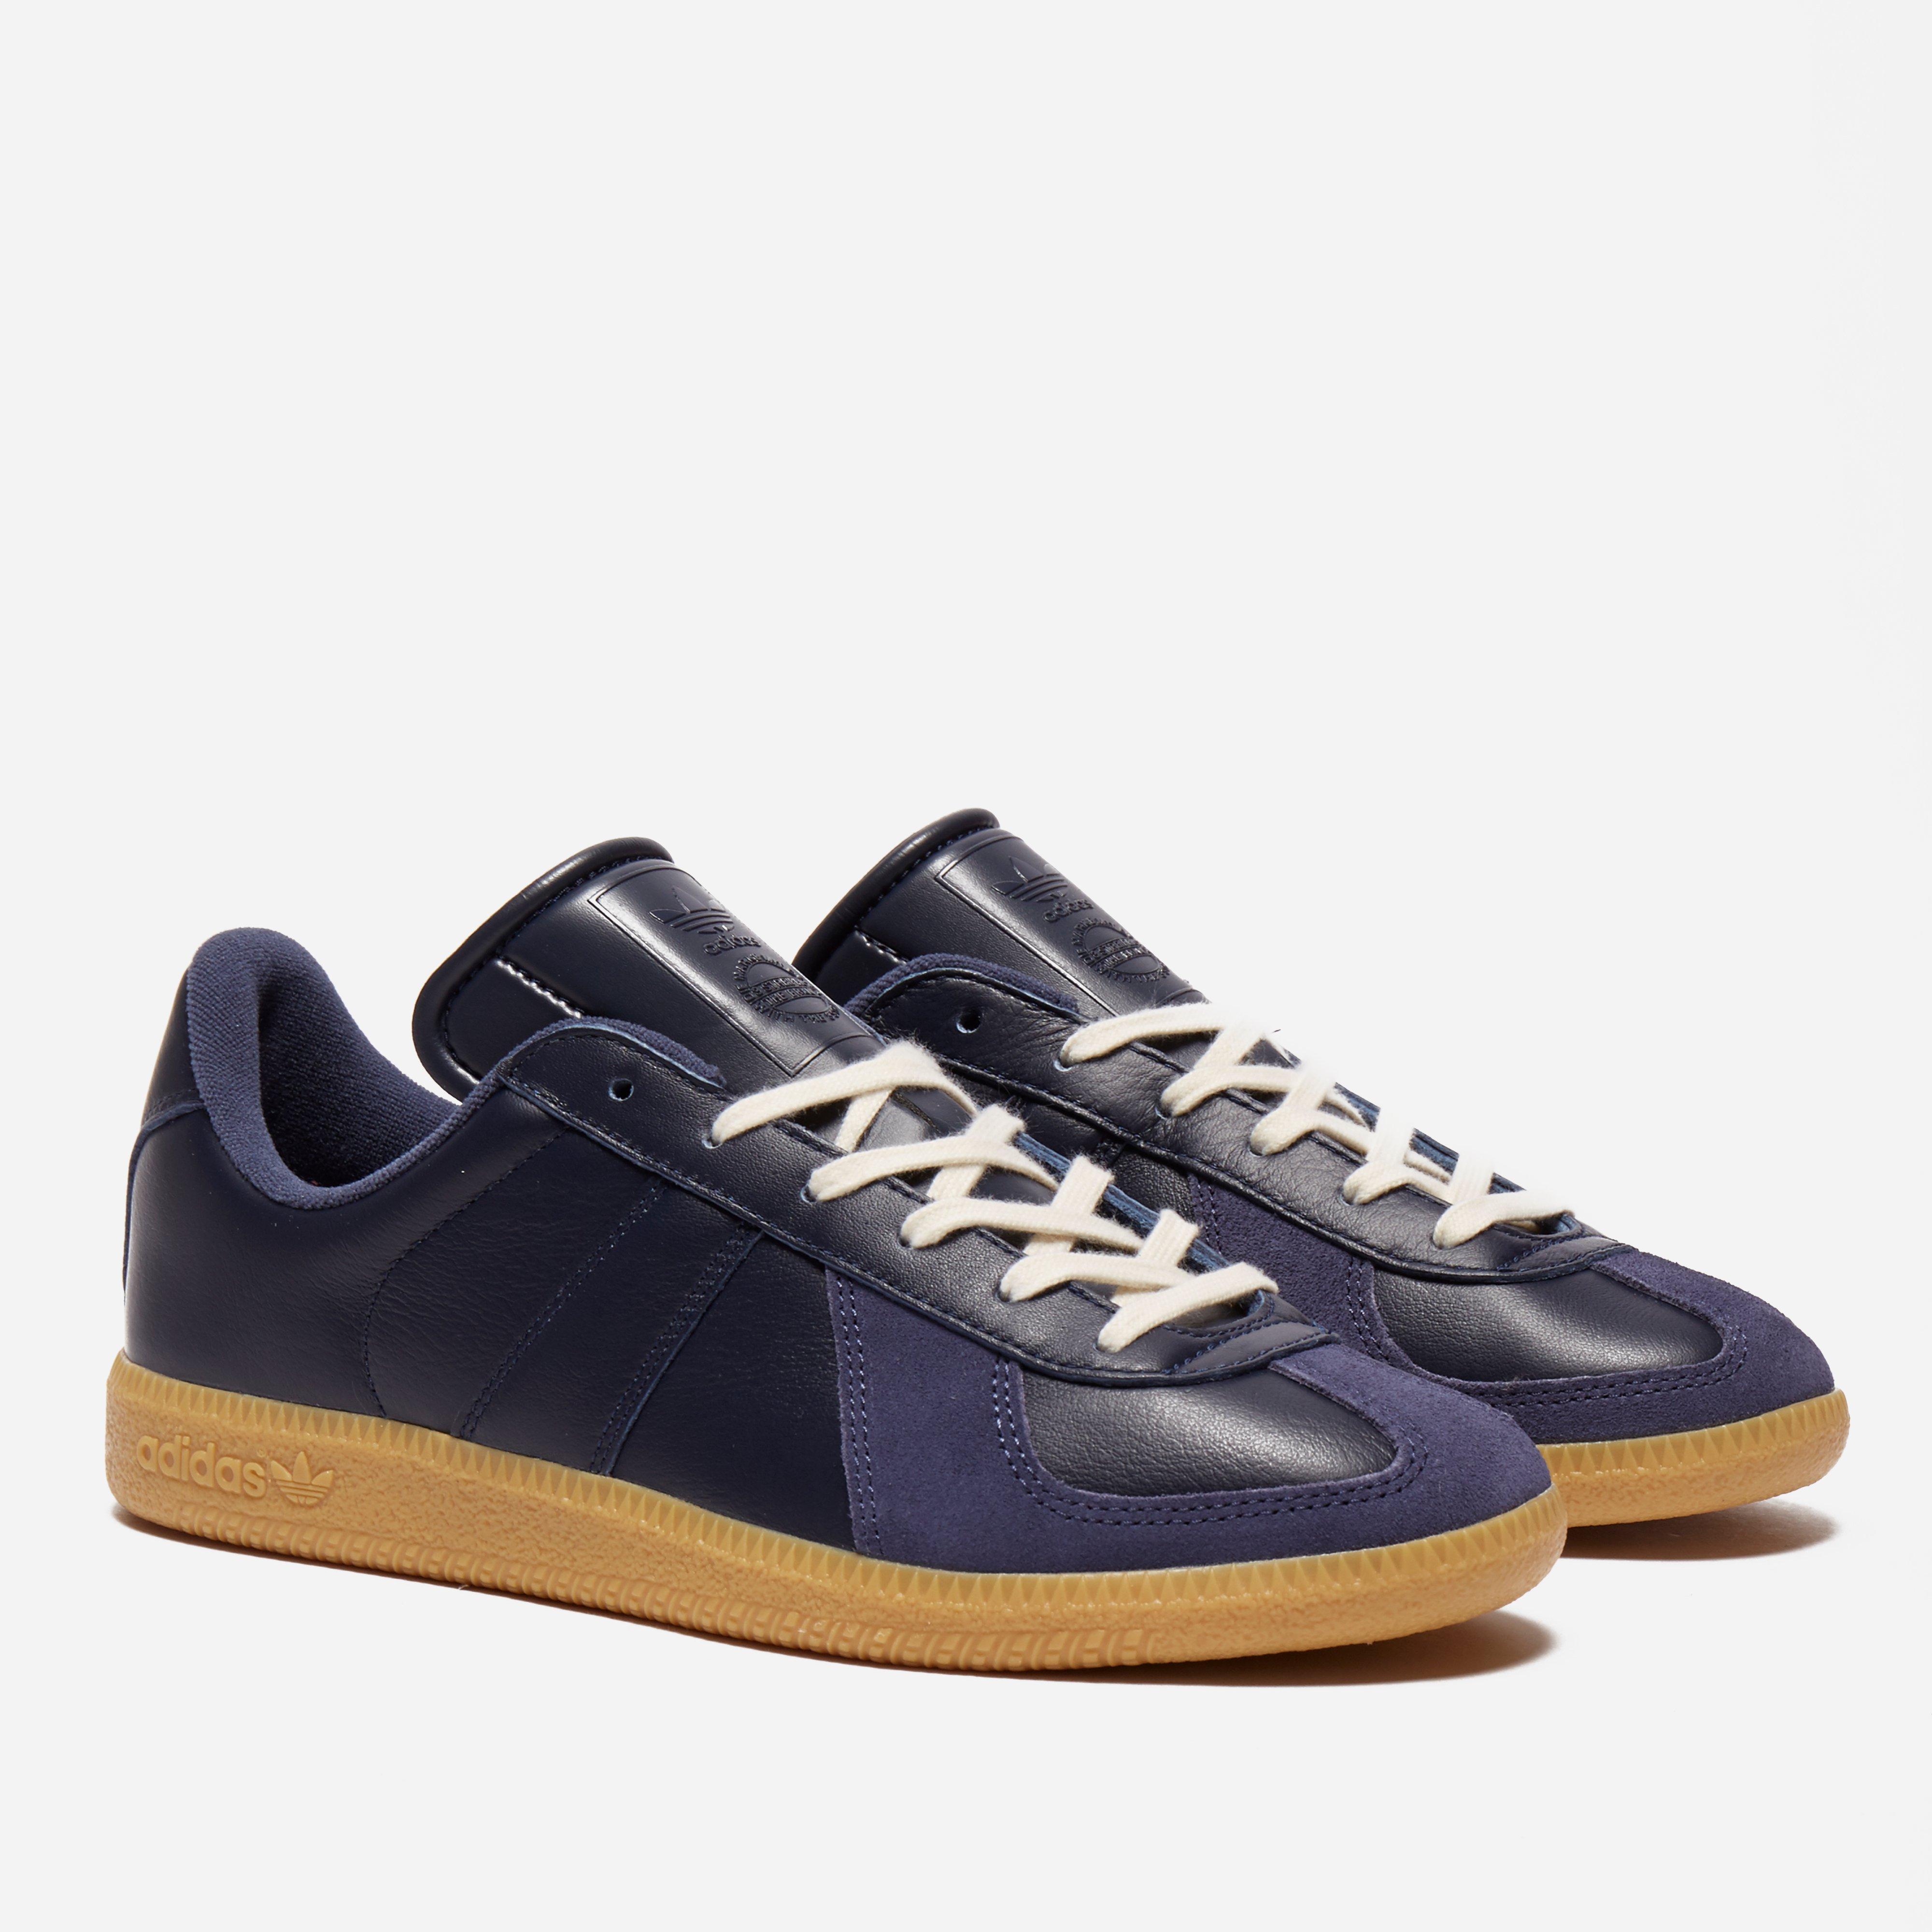 adidas Originals BW Army